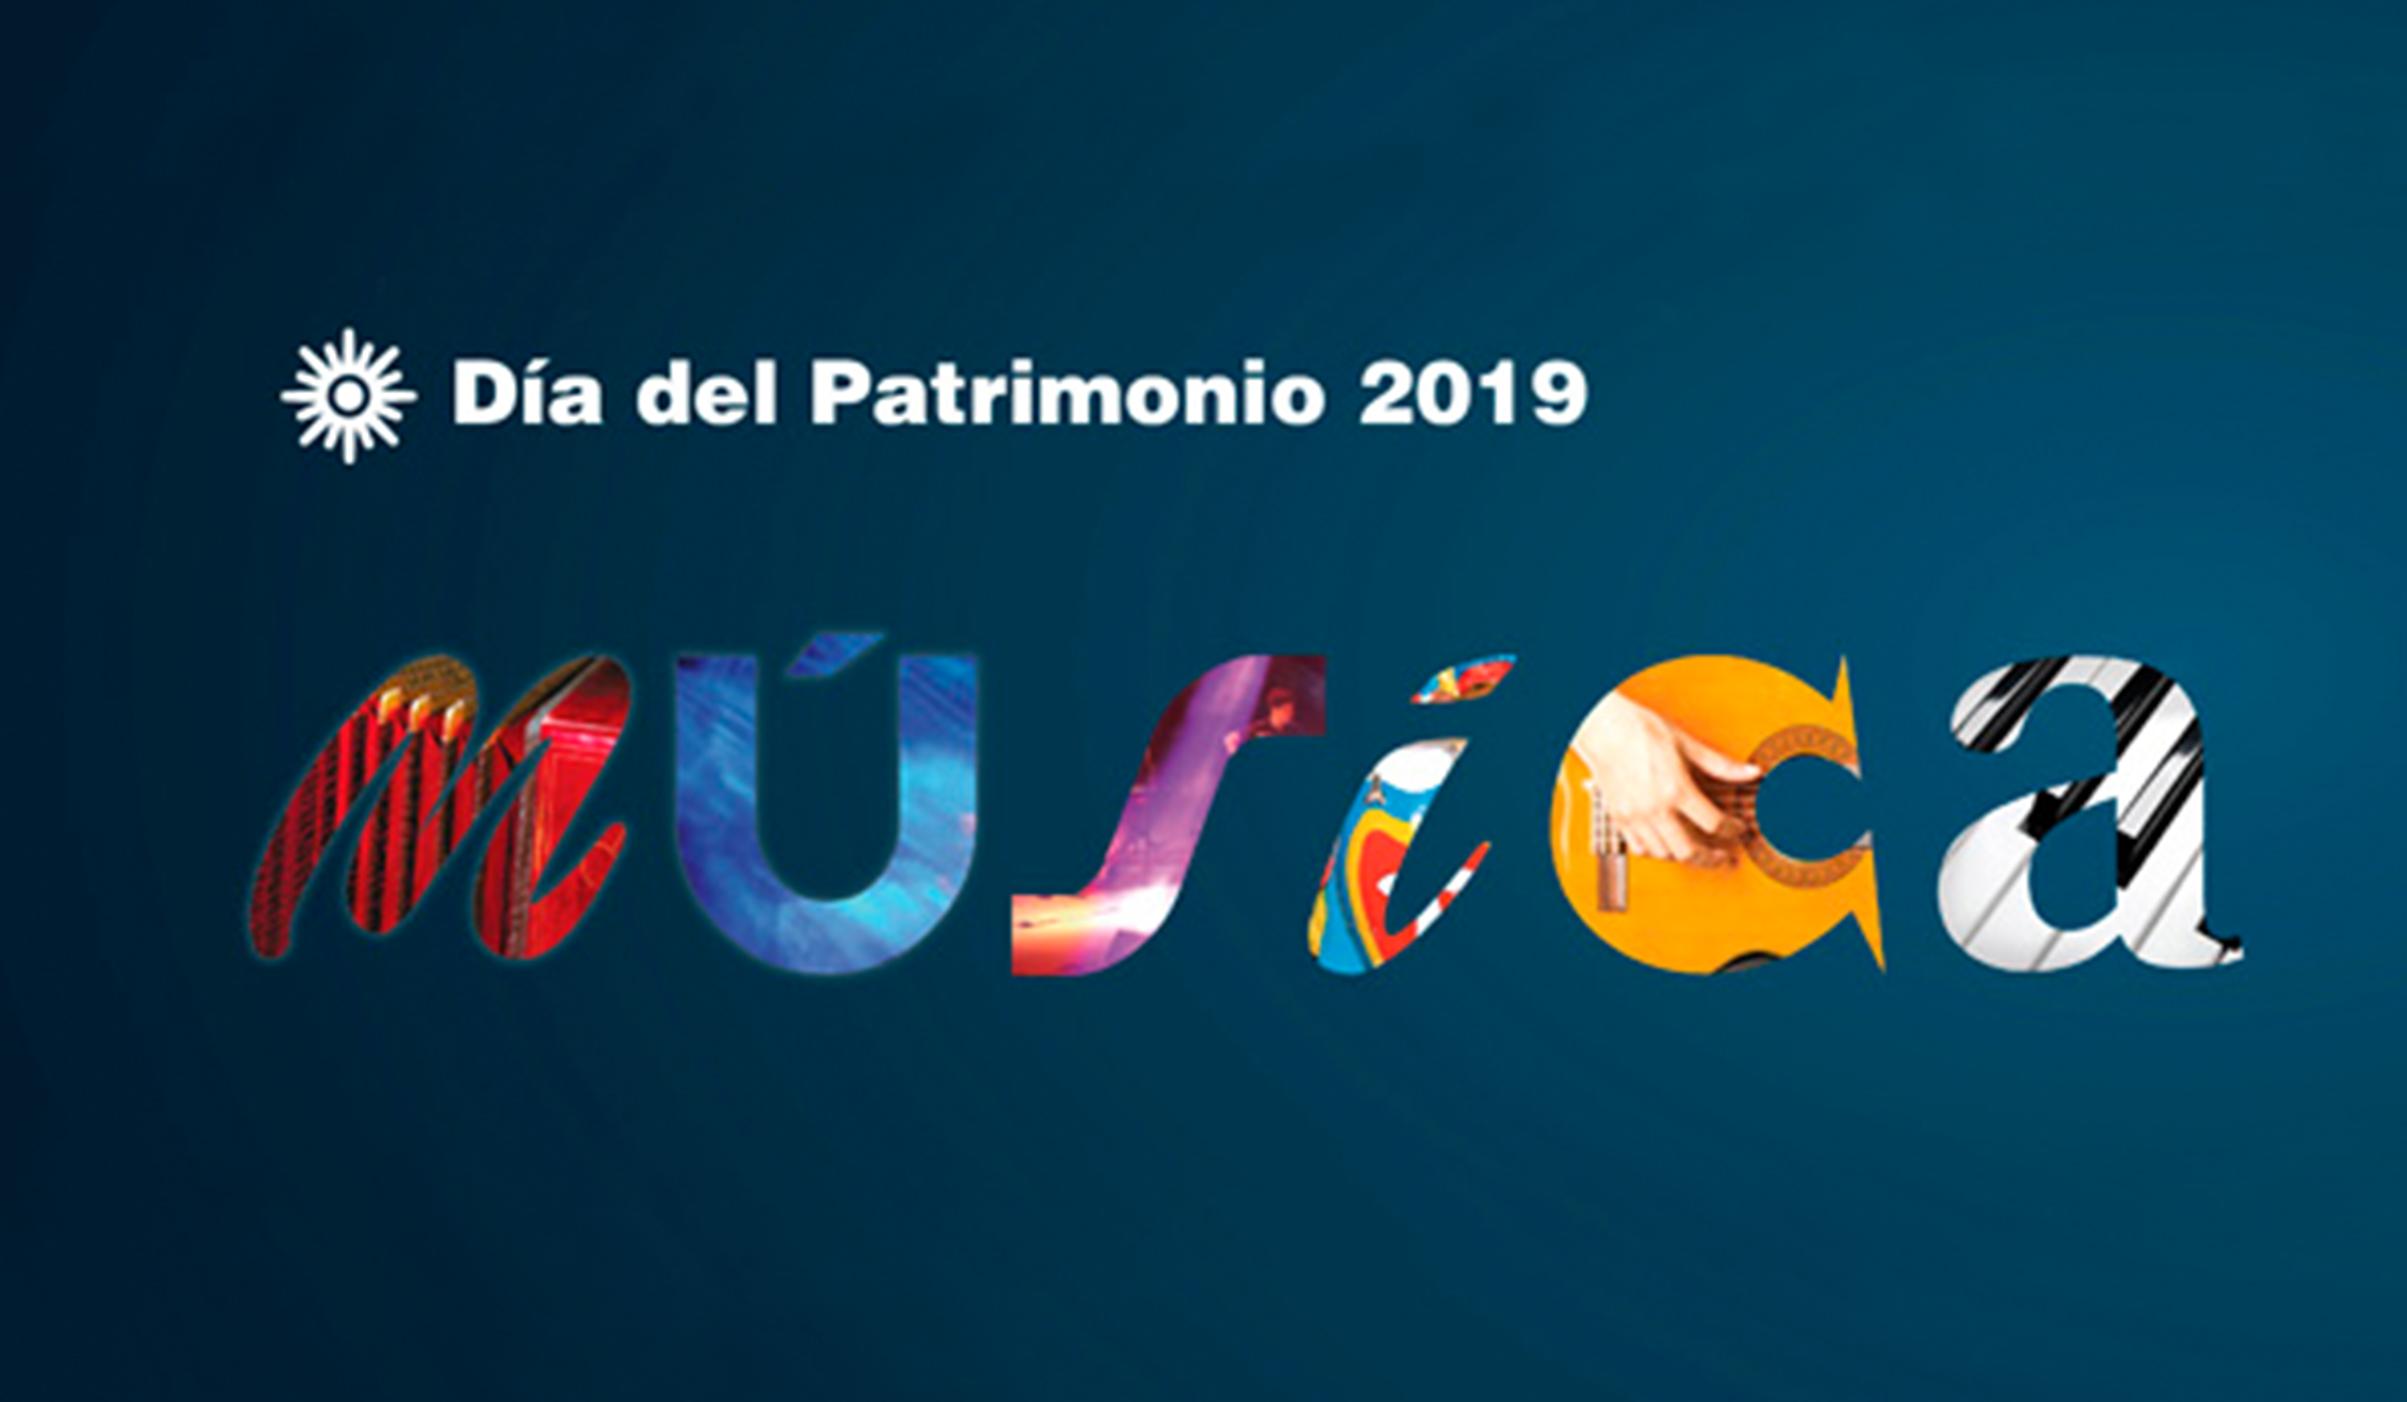 Día Del Patrimonio 2019